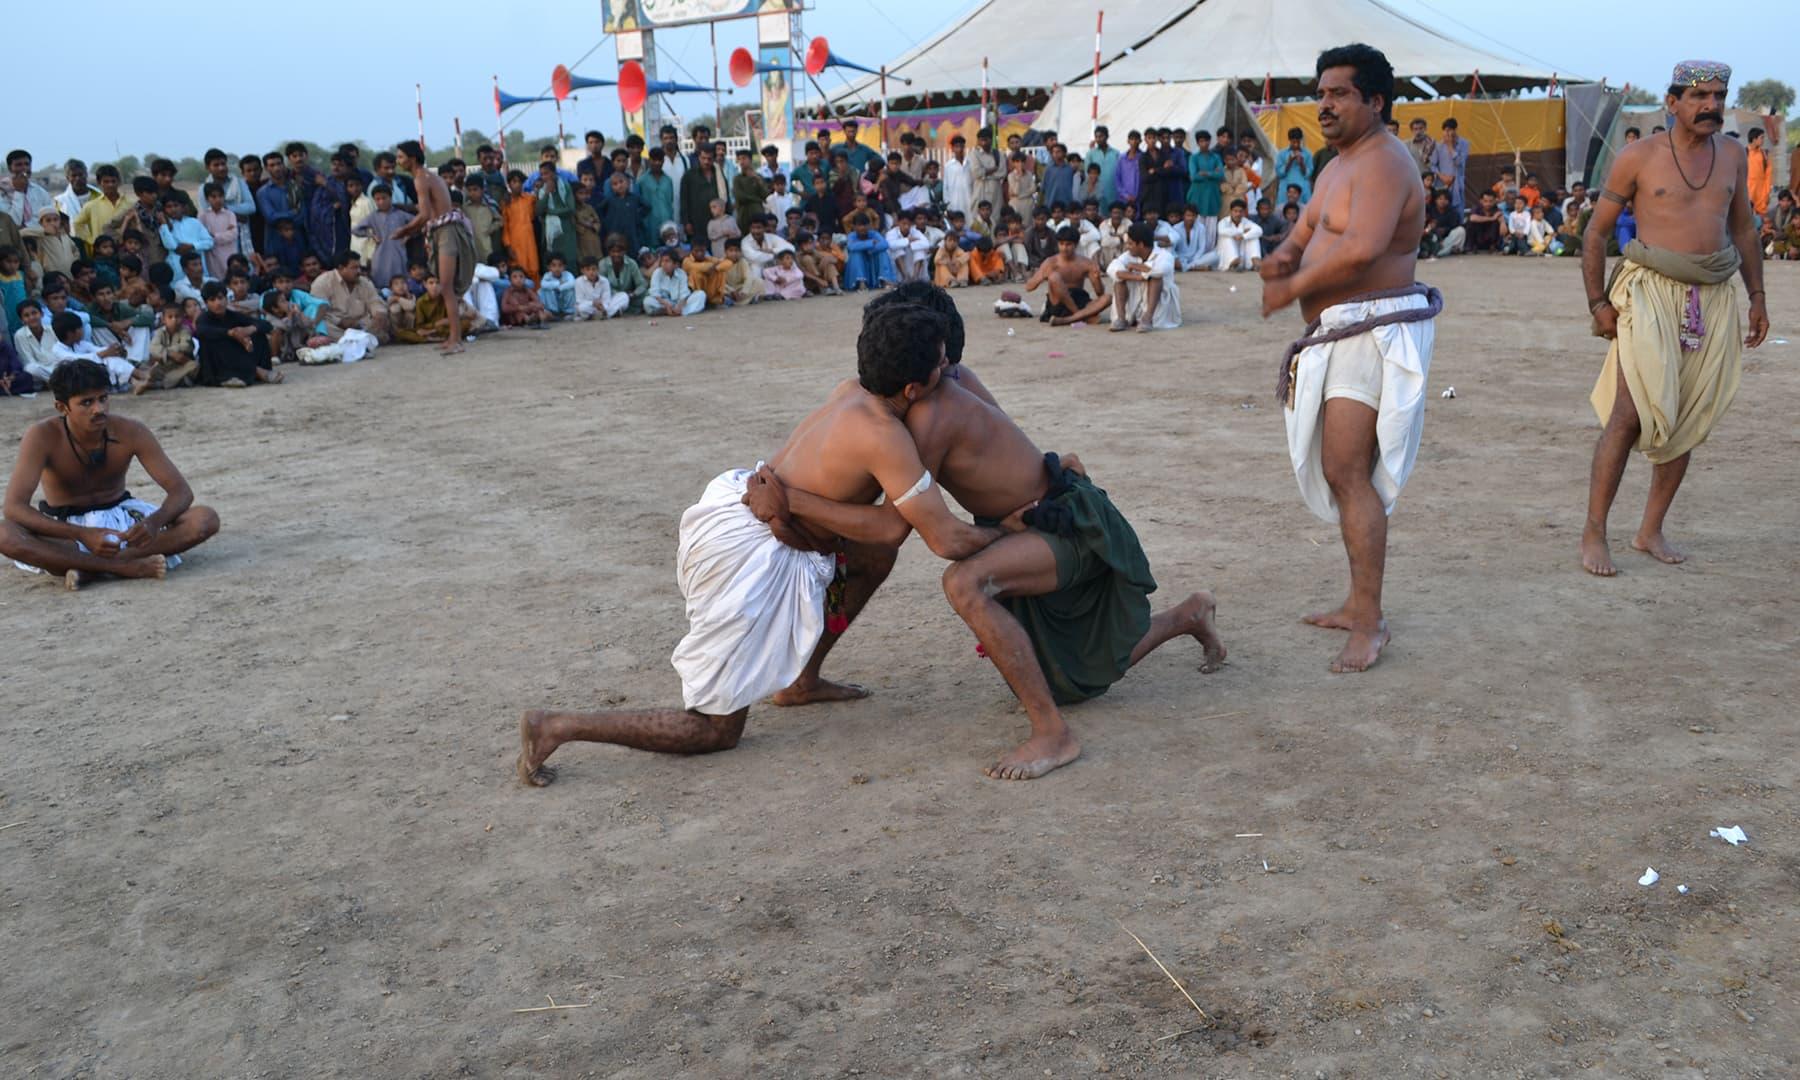 ملاکھڑے میں دو پہلوان مختلف داؤ آزماتے ہوئے ایک دوسرے کو پچھاڑنے کی کوشش کرتے ہیں—تصویر ابوبکر شیخ